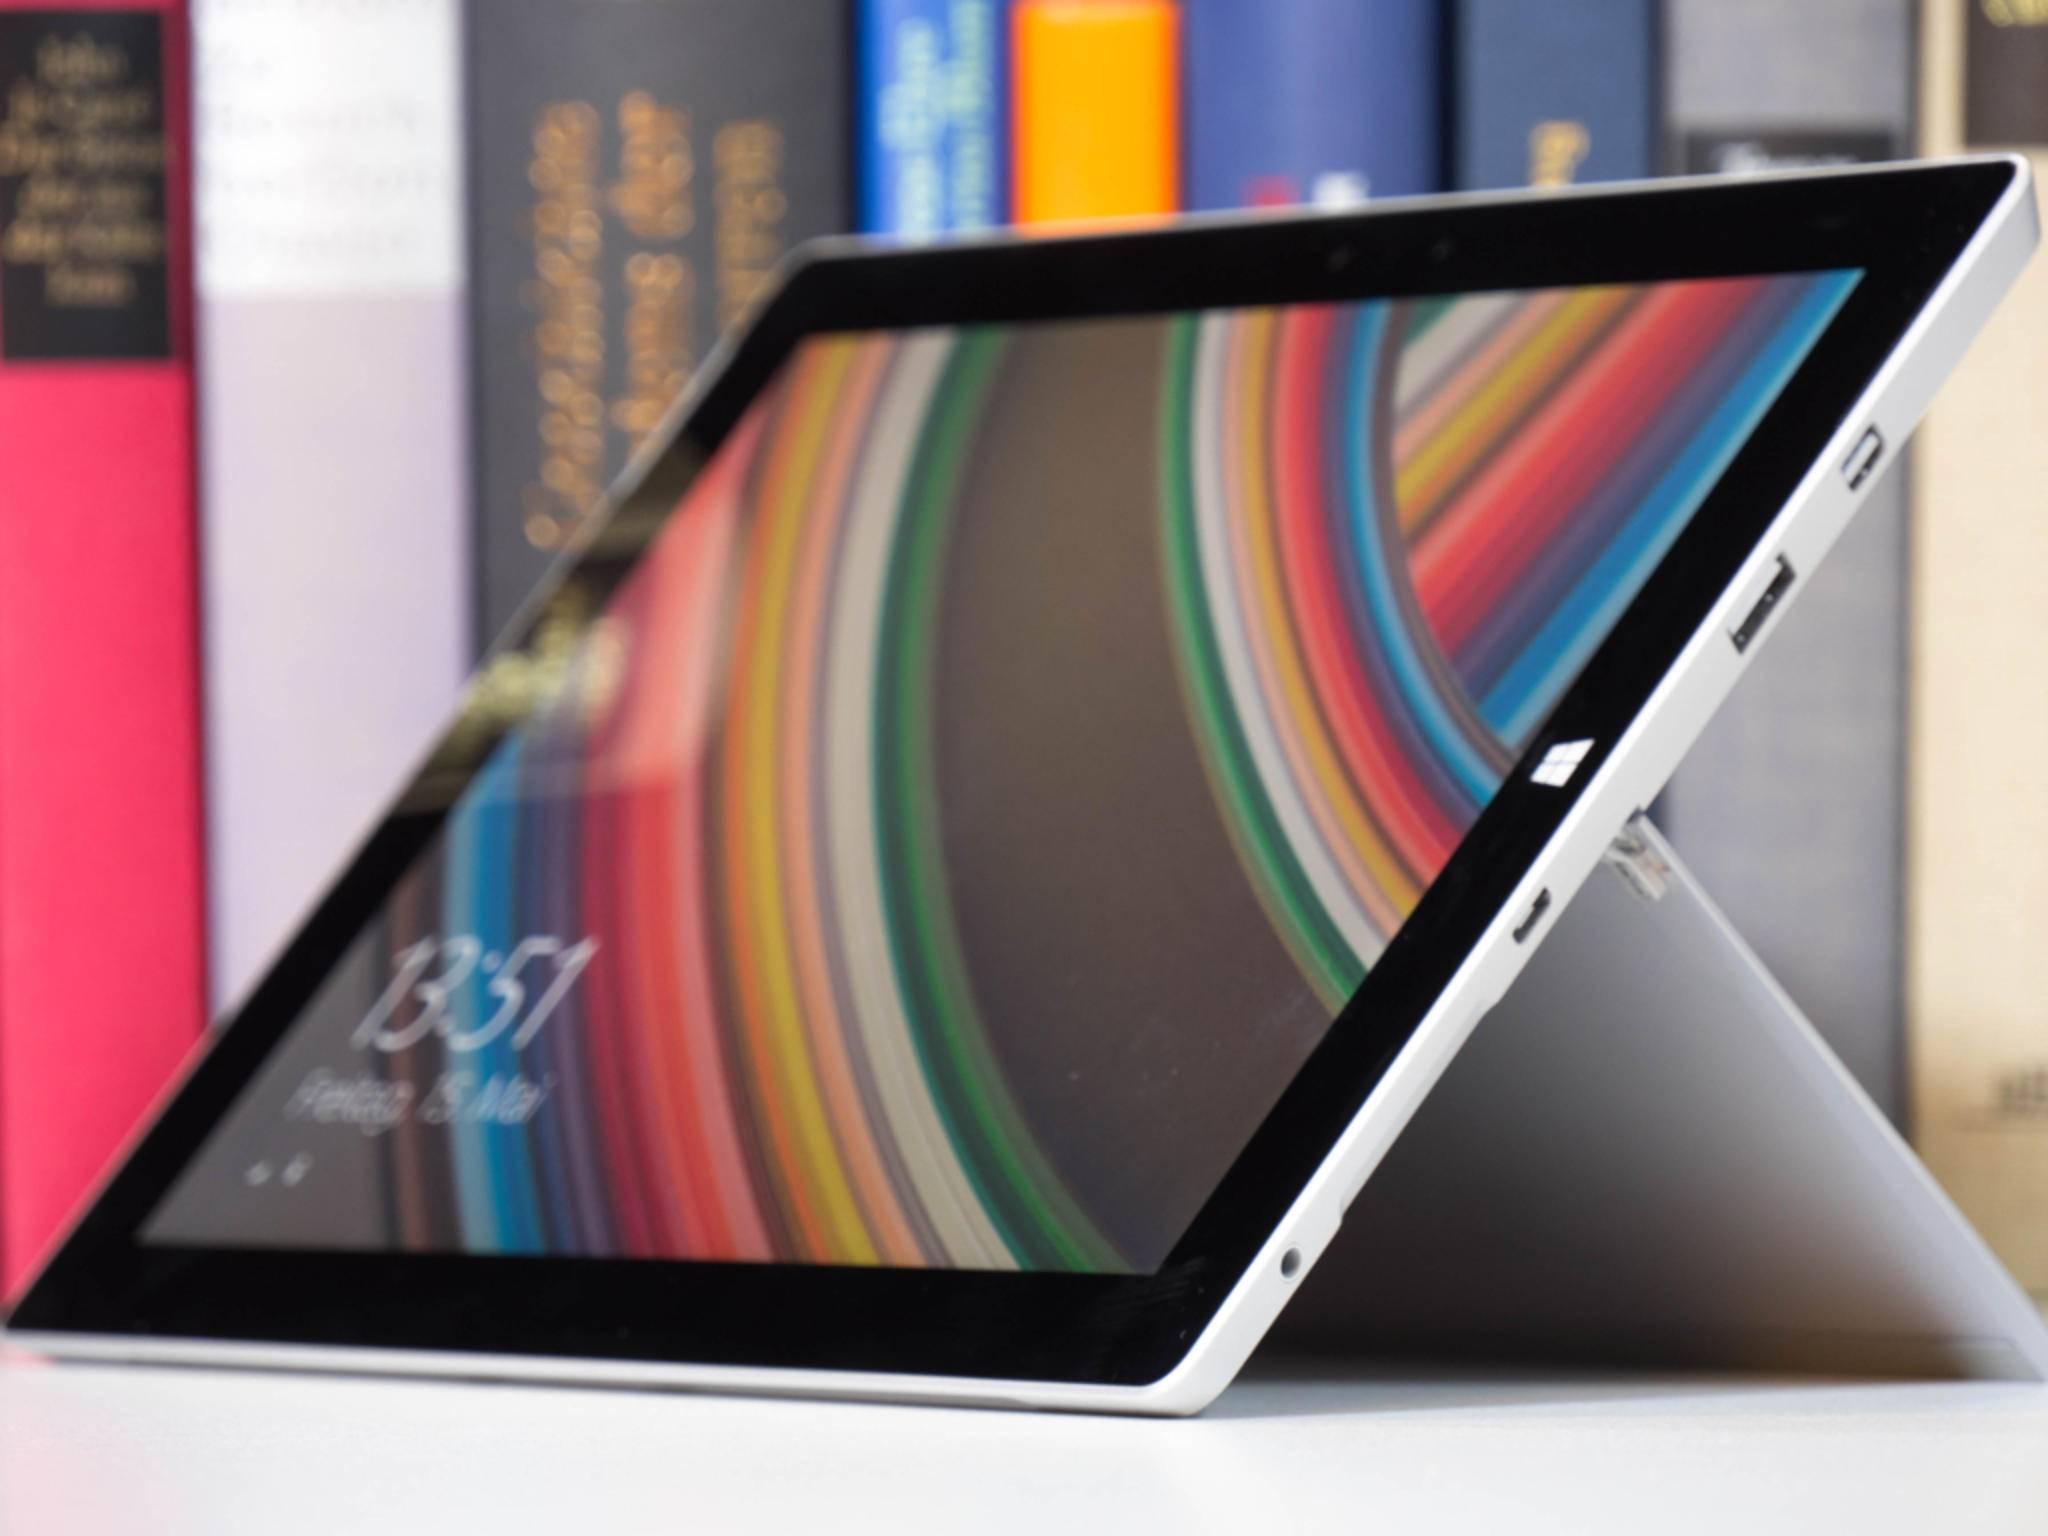 Das Surface 3 hat viele Anschlussmöglichkeiten.